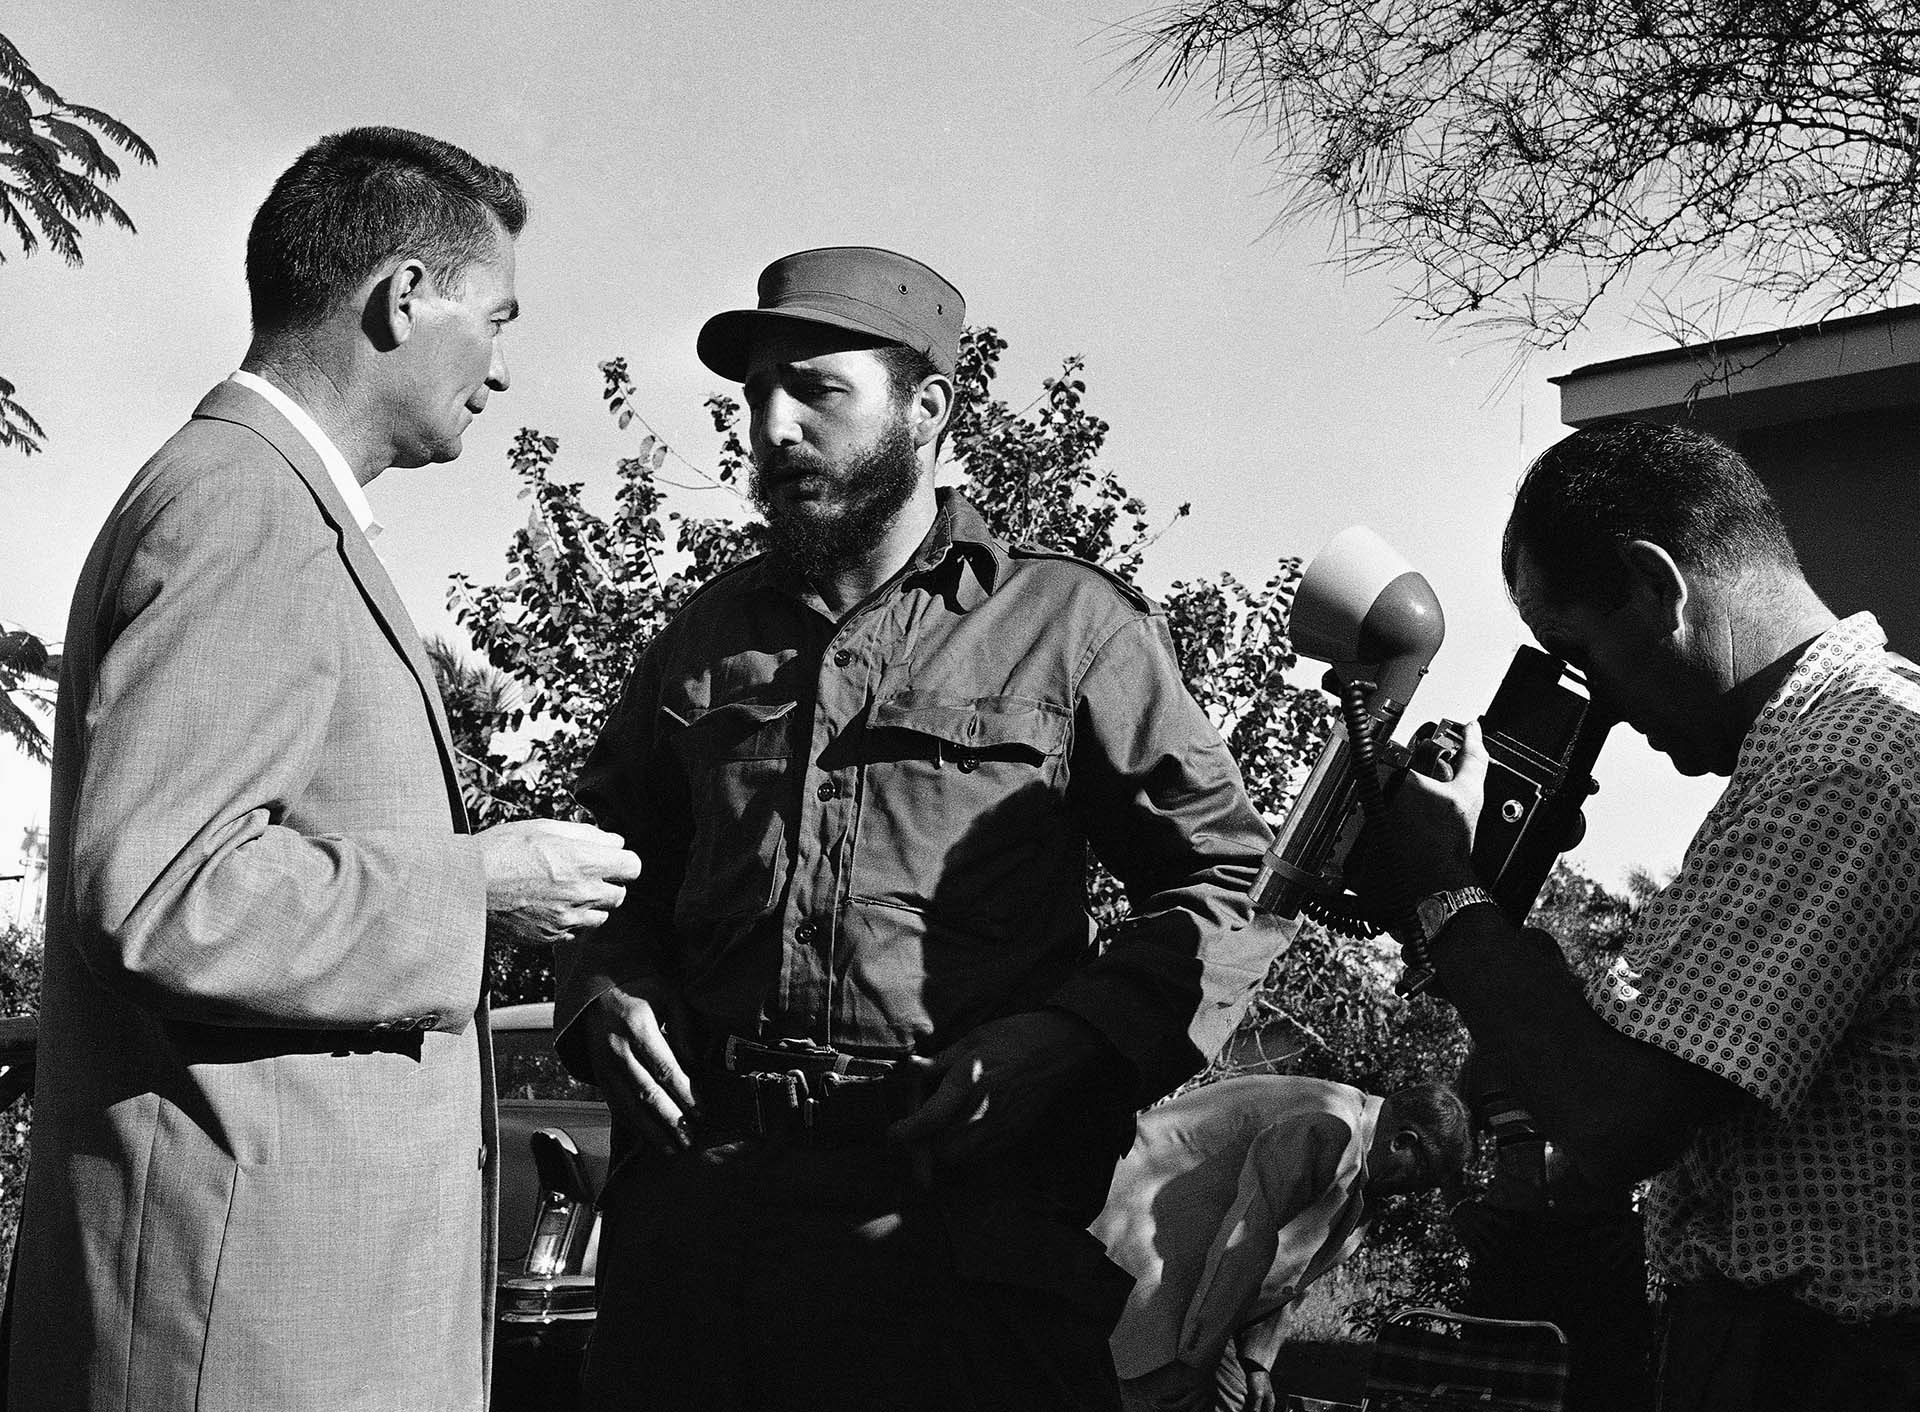 El 5 de enero de 1959, el líder rebelde Fidel Castro es entrevistado por el periodista de Associated Press Ben Funk, a la izquierda, mientras el fotógrafo Harold L. Valentine hace fotos en Camagüey, Cuba, durante la Caravana de la Victoria a La Habana tras derrocar al dictador Fulgencio Batista.